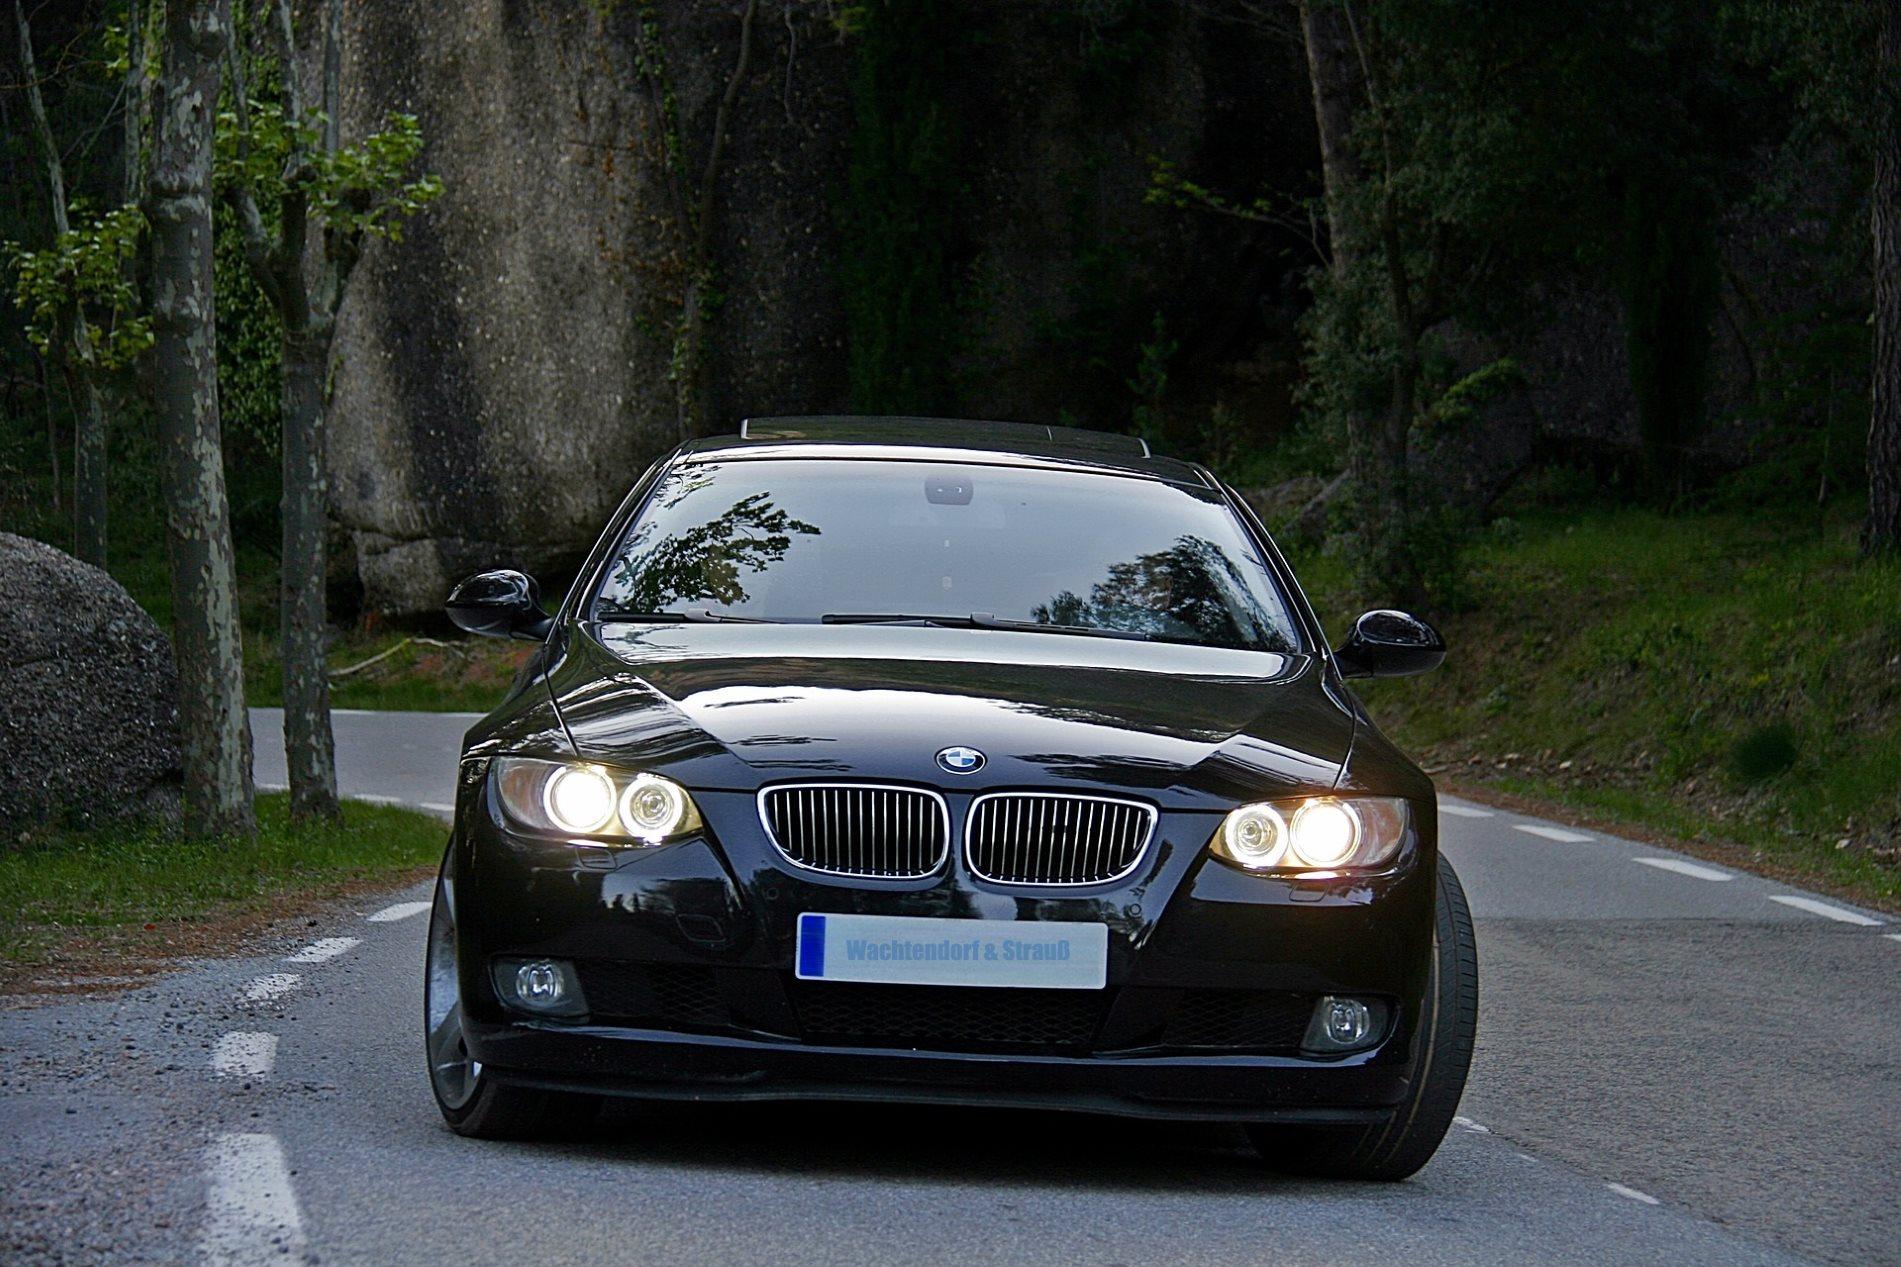 BMW Jahreswagen in Aurich